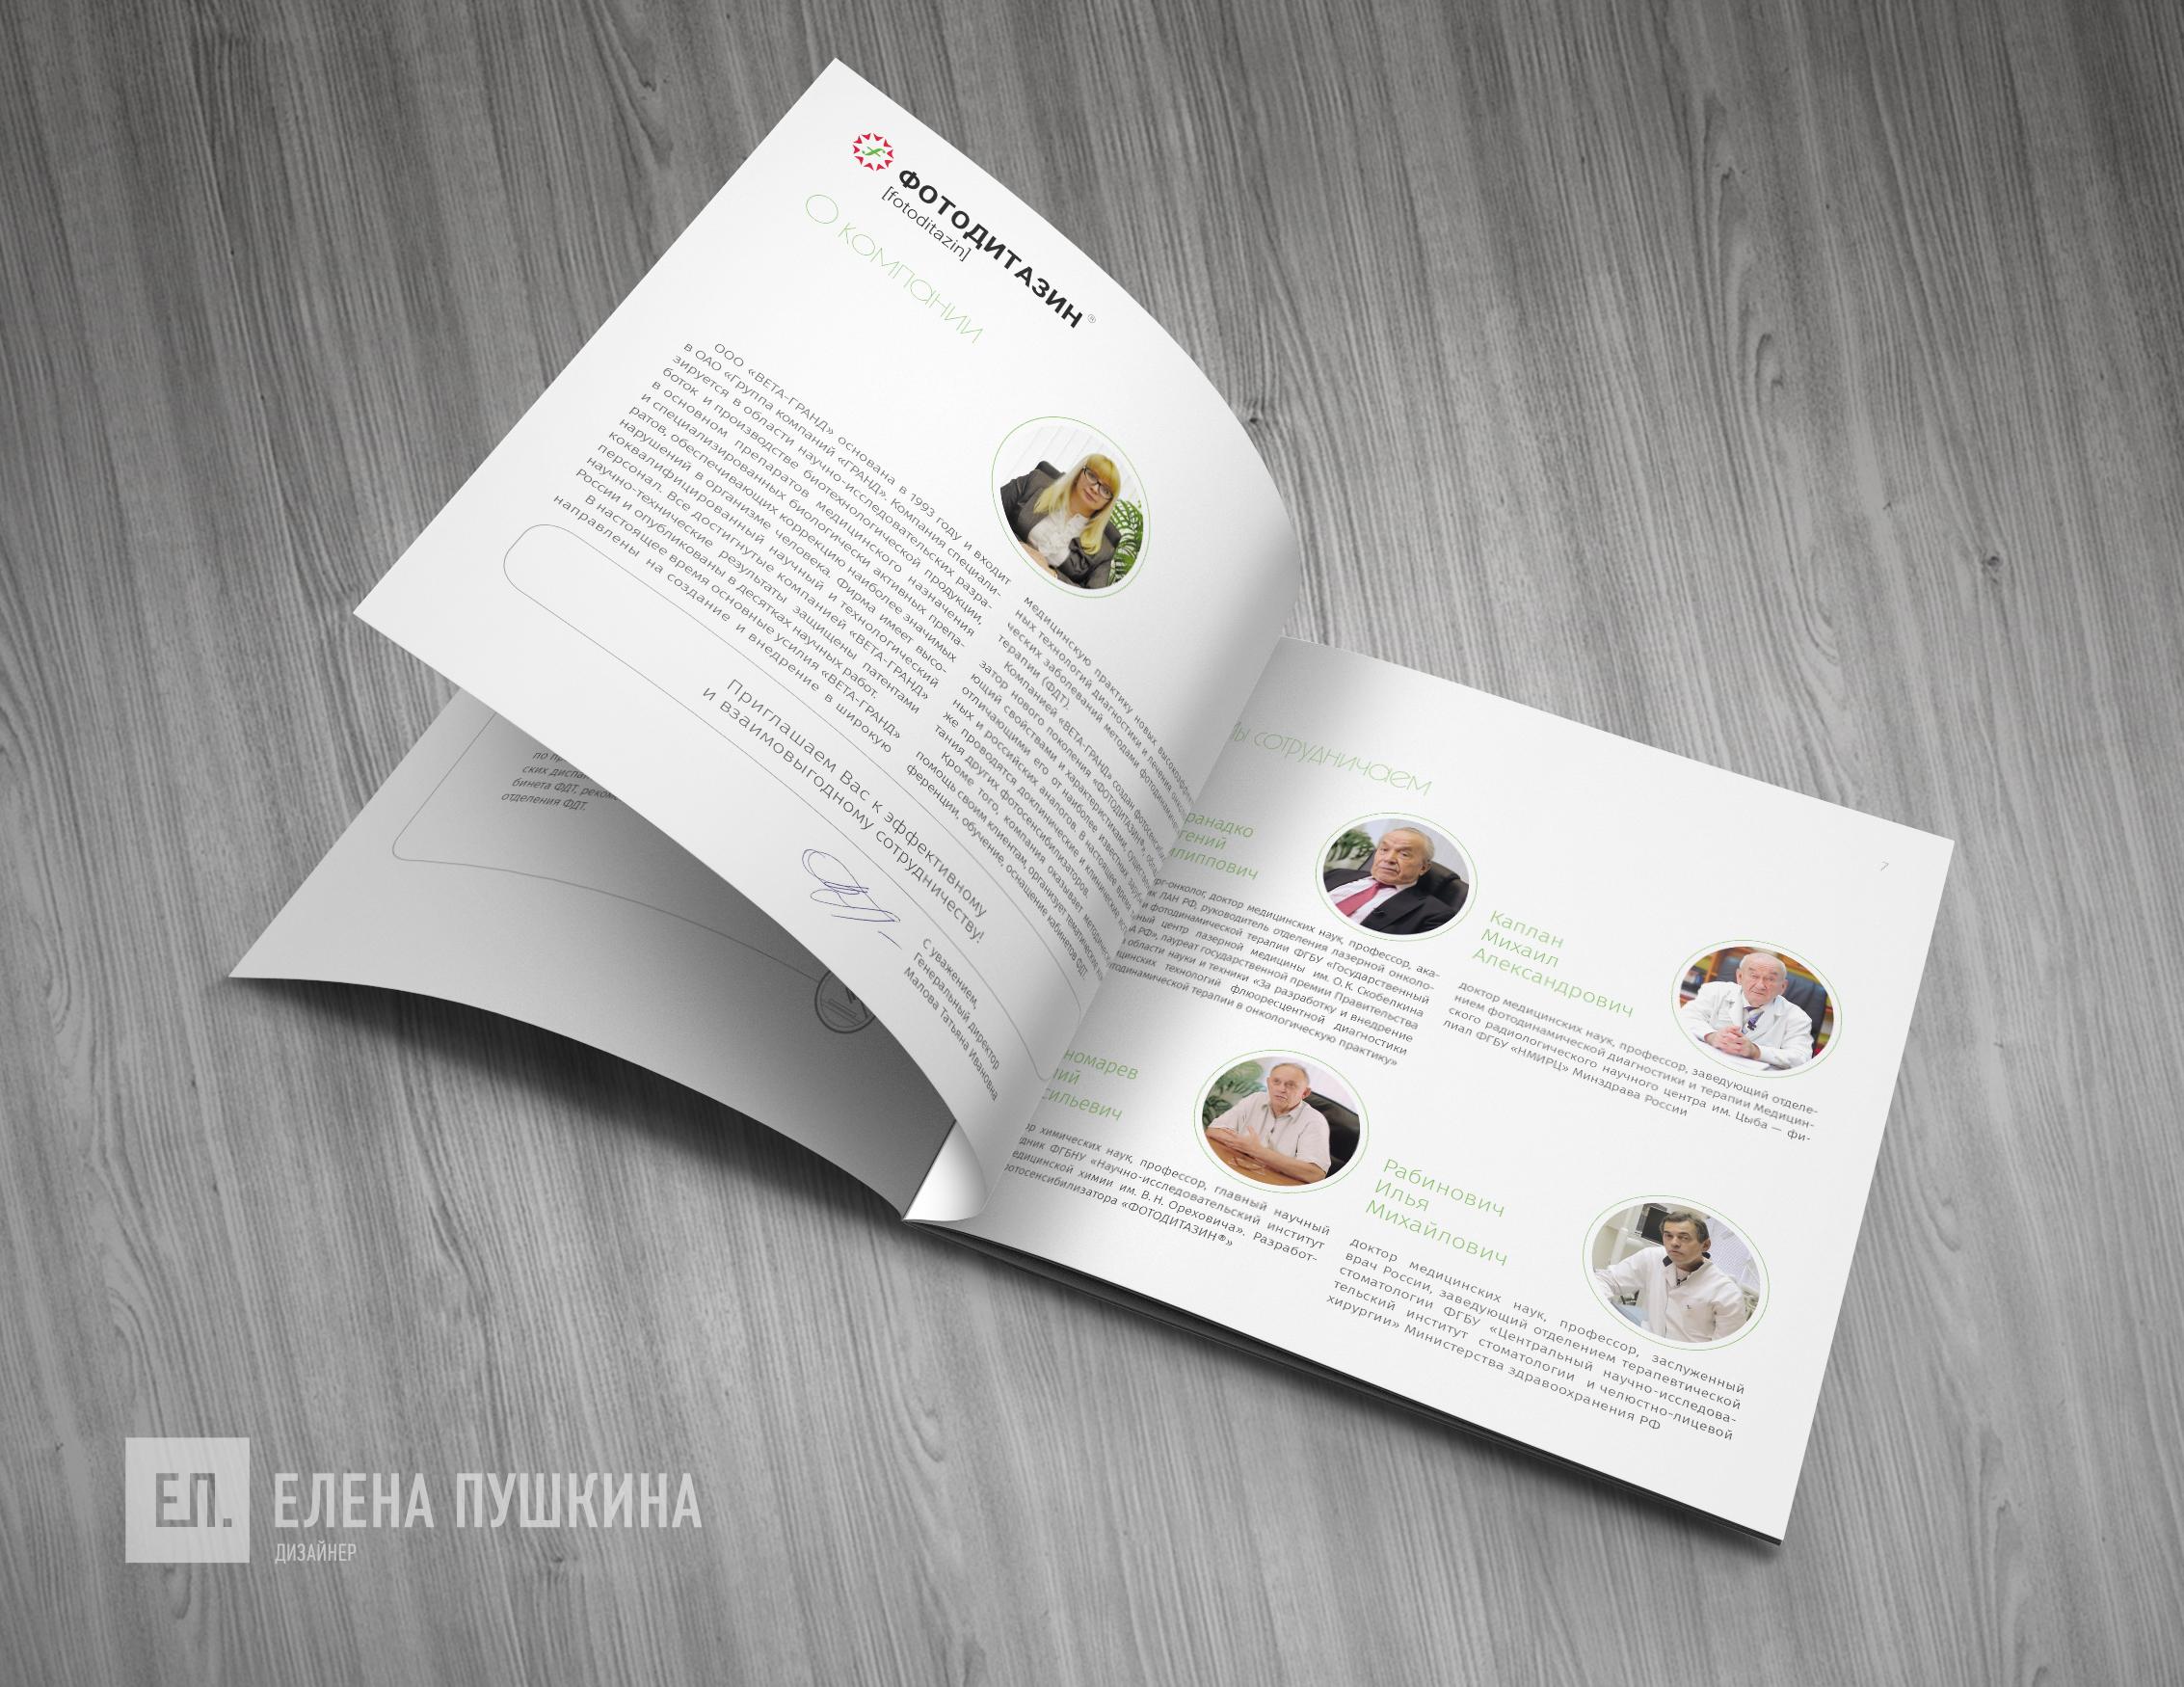 Рекламная брошюра ТМ «ФОТОДИТАЗИН»— дизайн с«нуля» обложки, макета, инфографики ивёрстка брошюры Дизайн брошюр, буклетов Портфолио